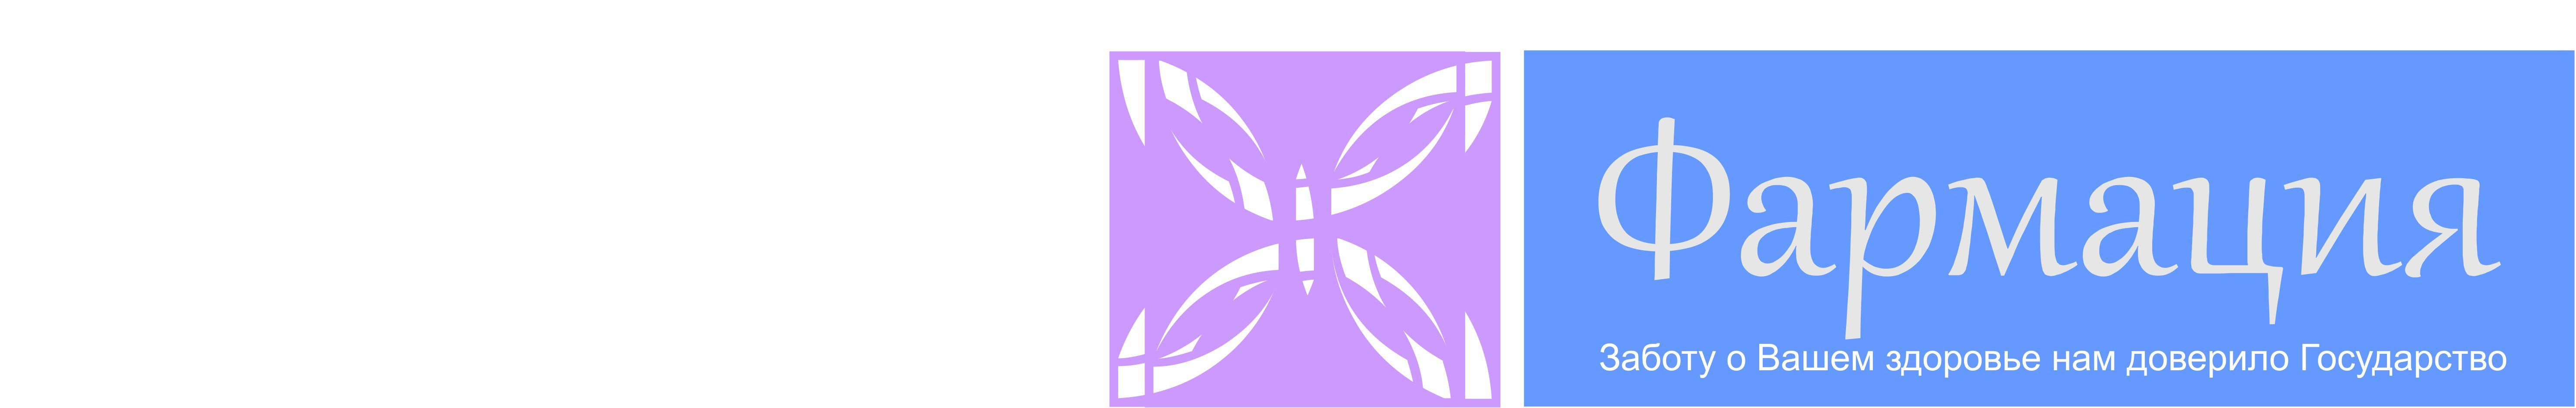 Логотип для государственной аптеки - дизайнер visento